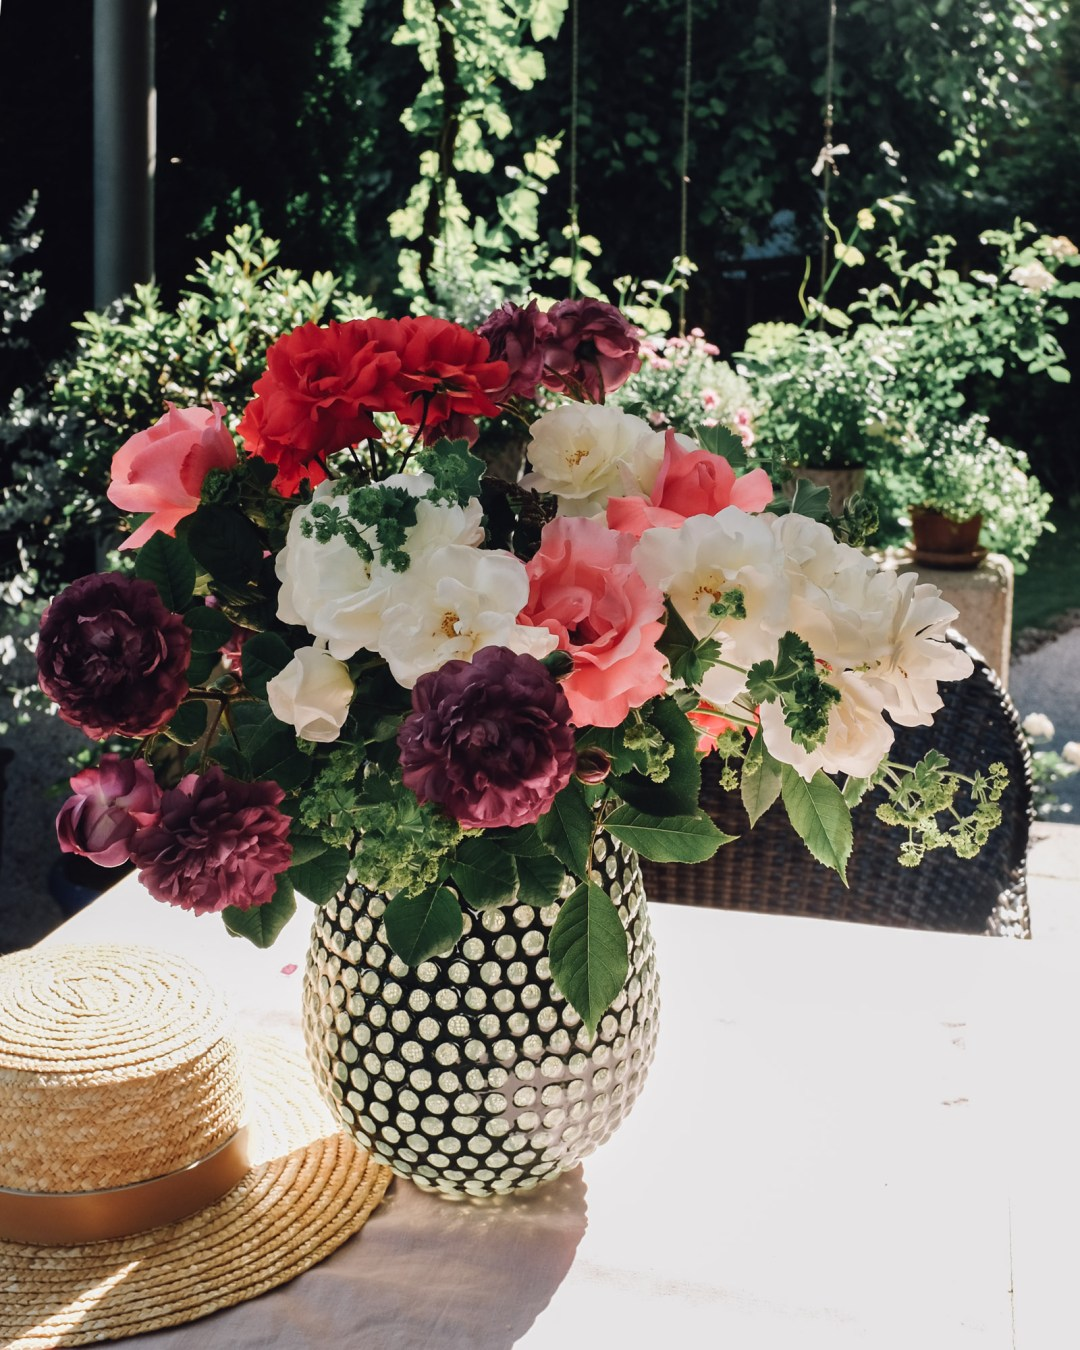 inastil, over50blogger, rosen, historische rosen, garten, sommergarten, rosengarten, gartenliebe, holler, holunder, holundersirsup, hugo, sommerabend, rosenliebe, haus und garten,-6